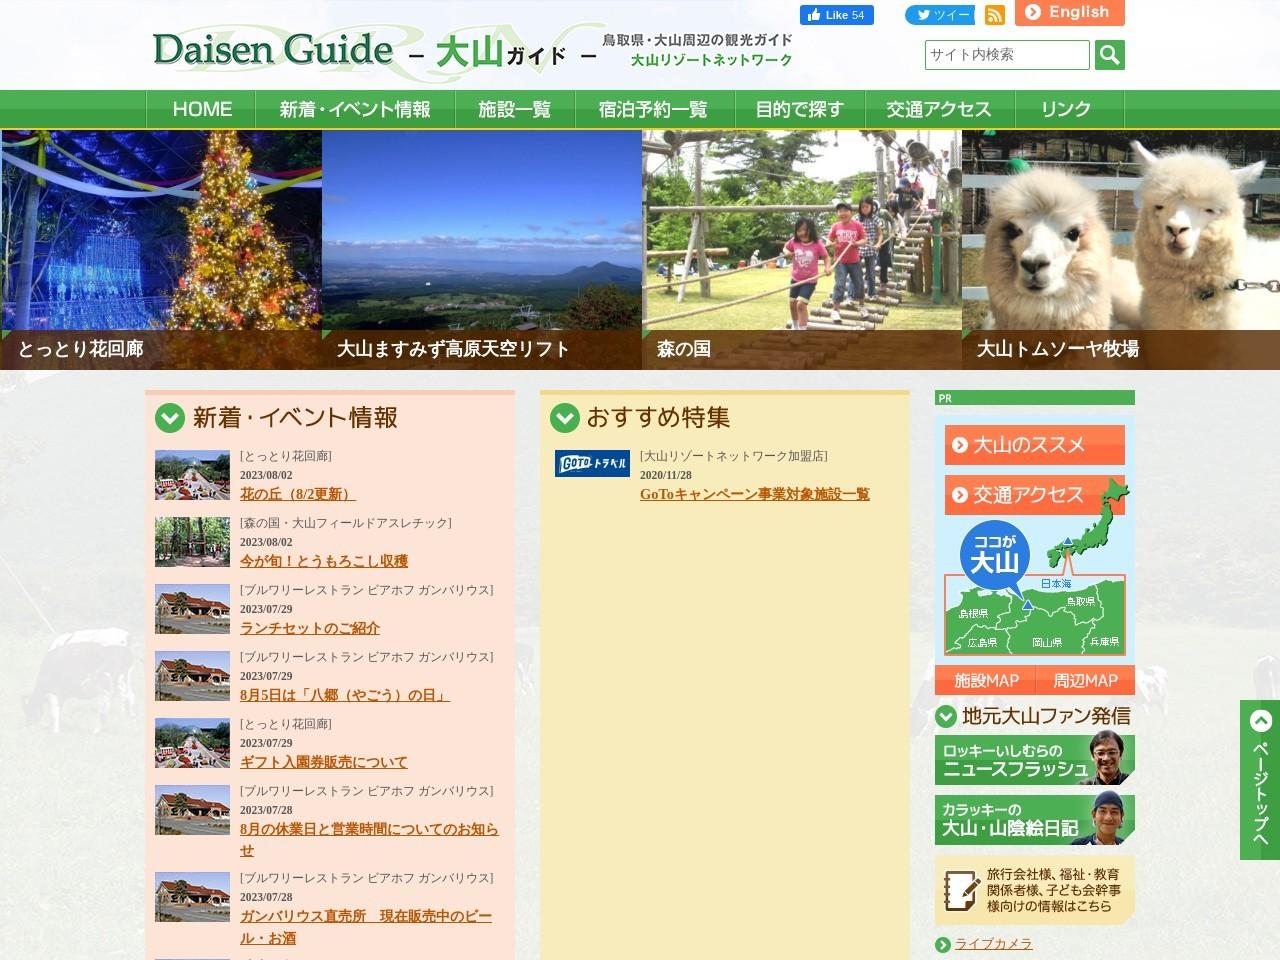 山陰・鳥取県・大山 旅の観光情報! 大山ドライブとレジャー宿泊ガイド